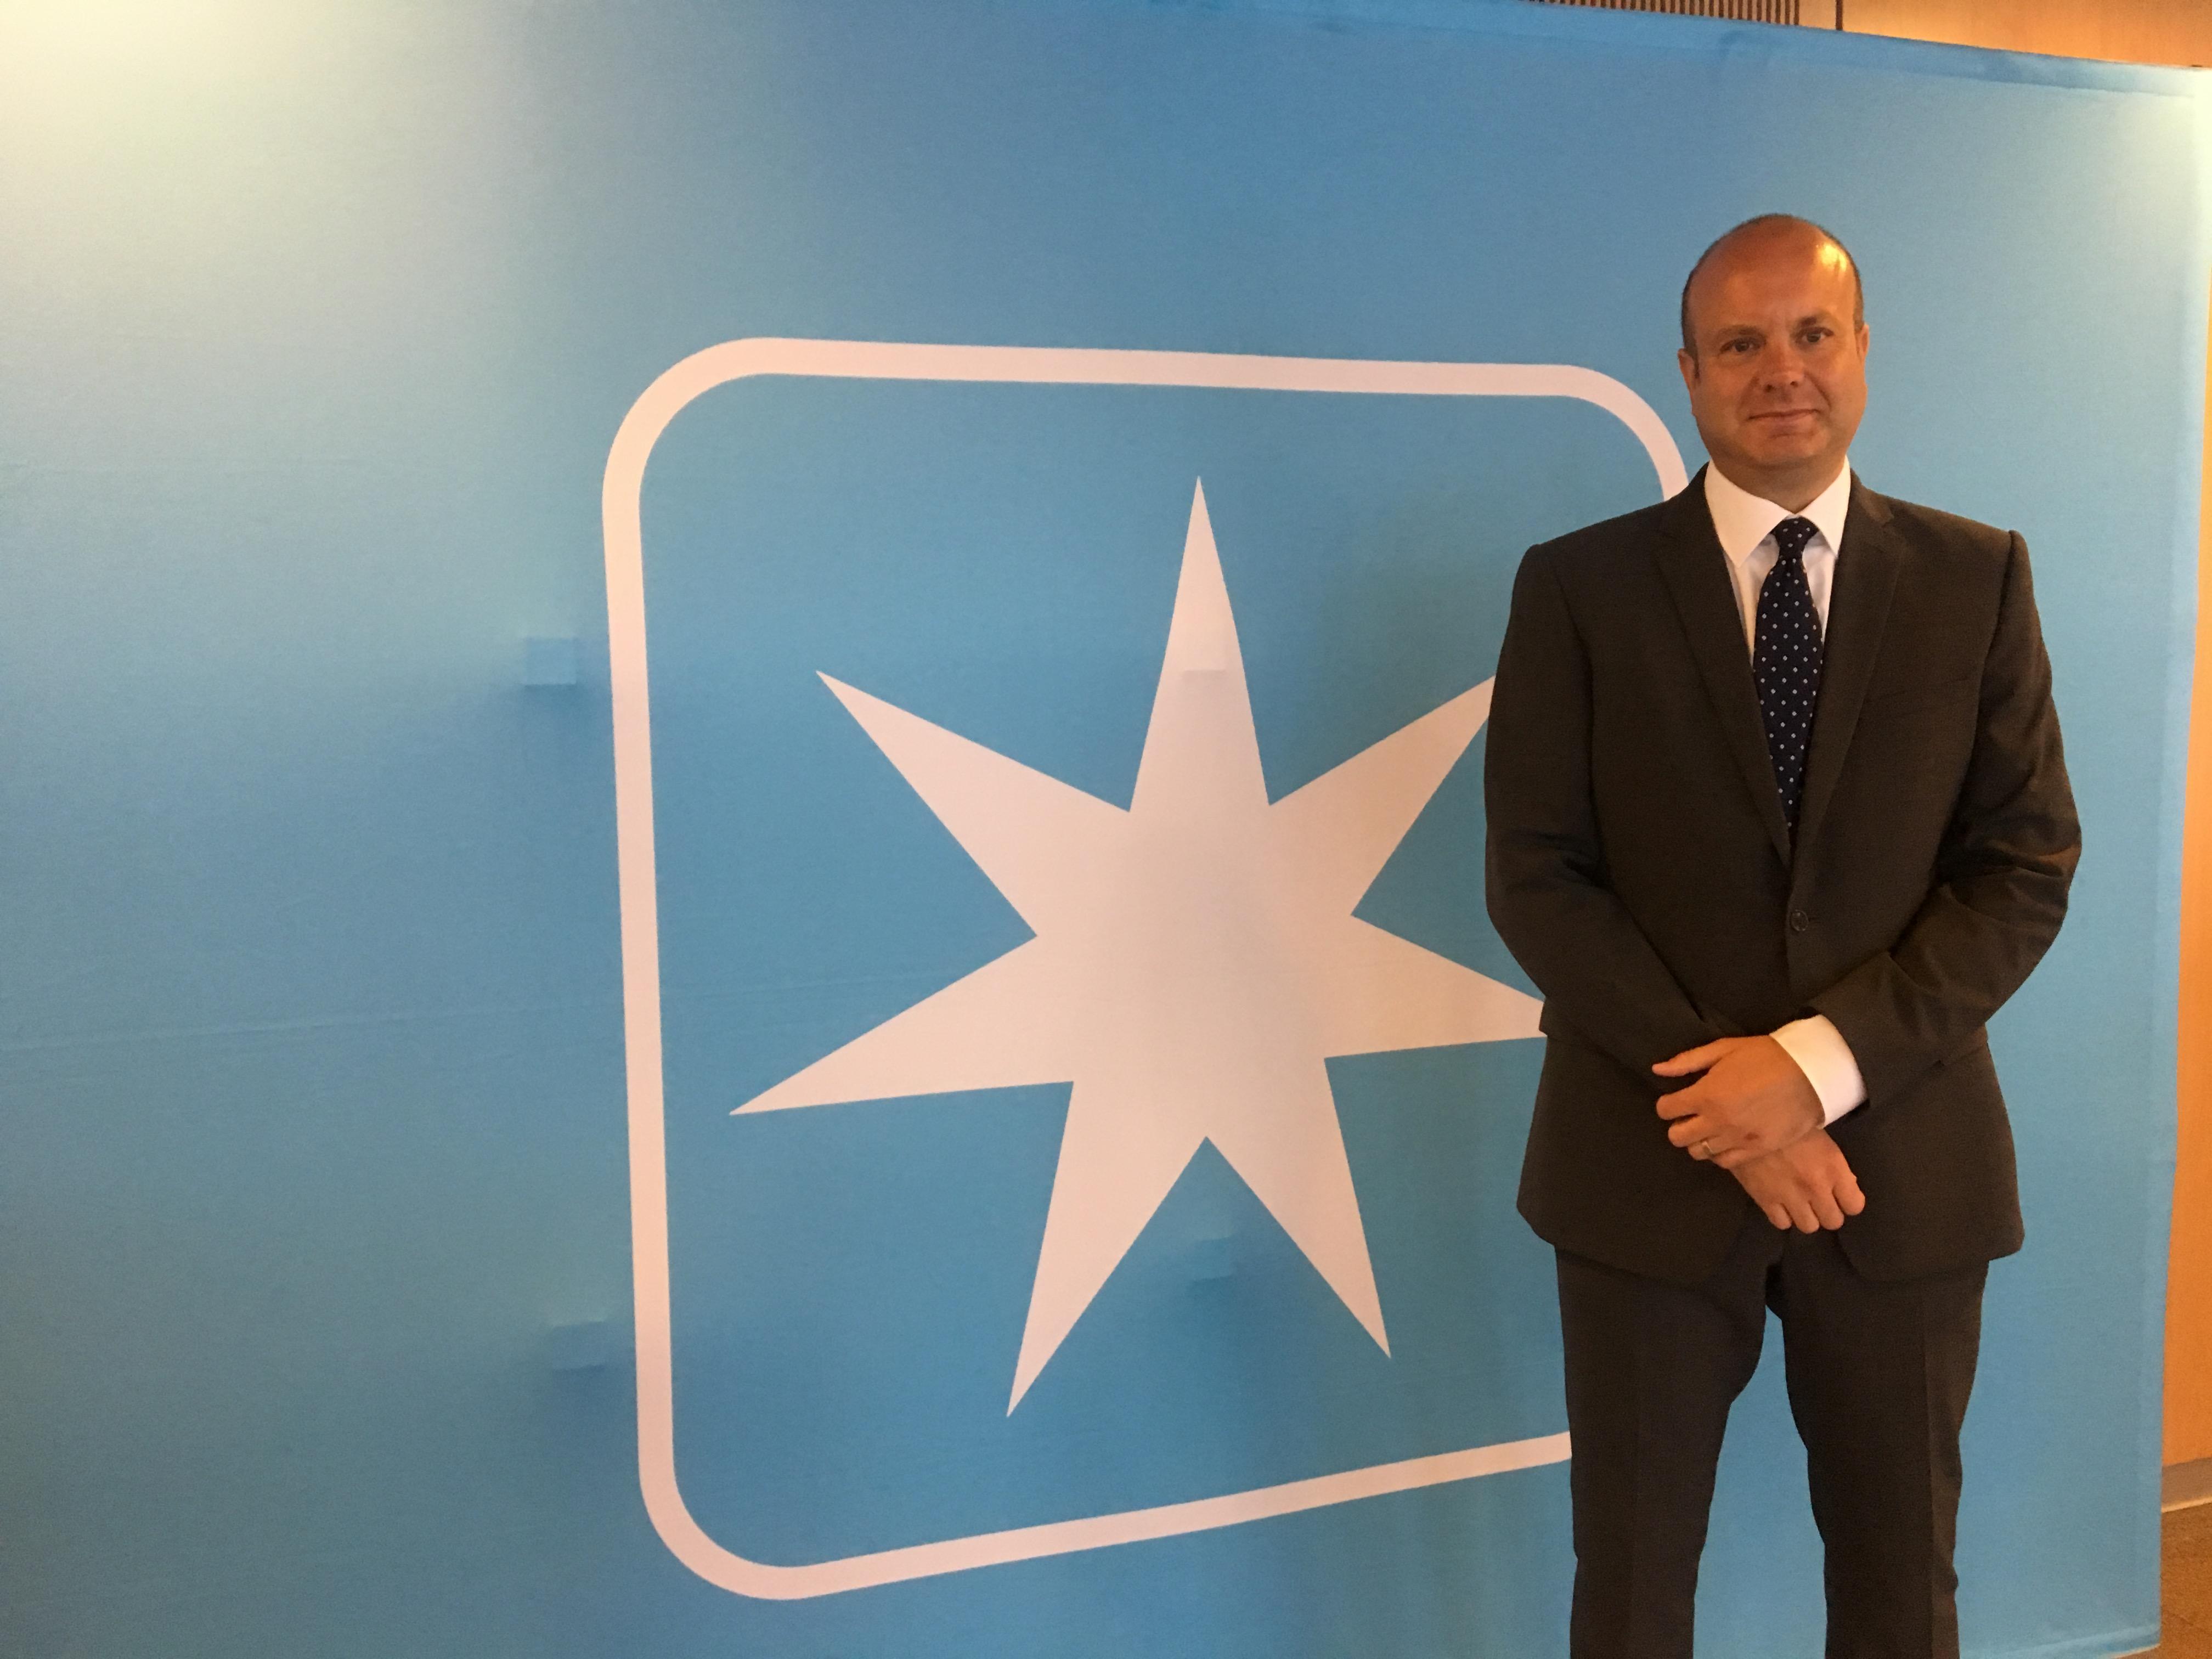 Engelske Tom Rathbone kommer til A.P. Møller-Mærsk efter omkring 22 år i Lufthansa Group. Foto: Rikke Alber, Maersk Procurement.